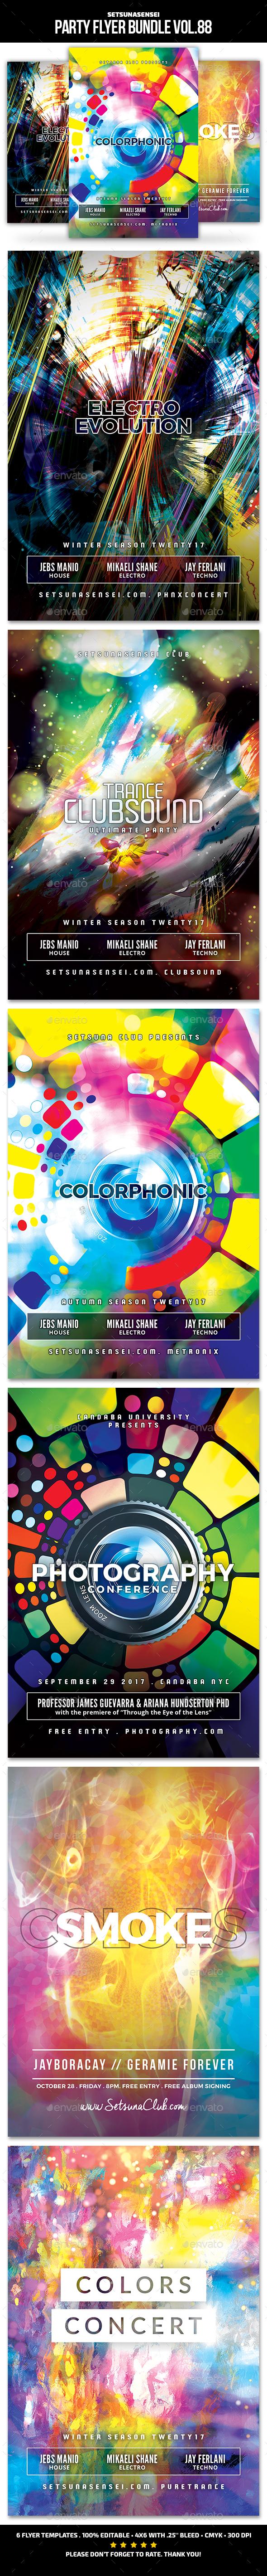 Party Flyer Bundle Vol.88 - Clubs & Parties Events